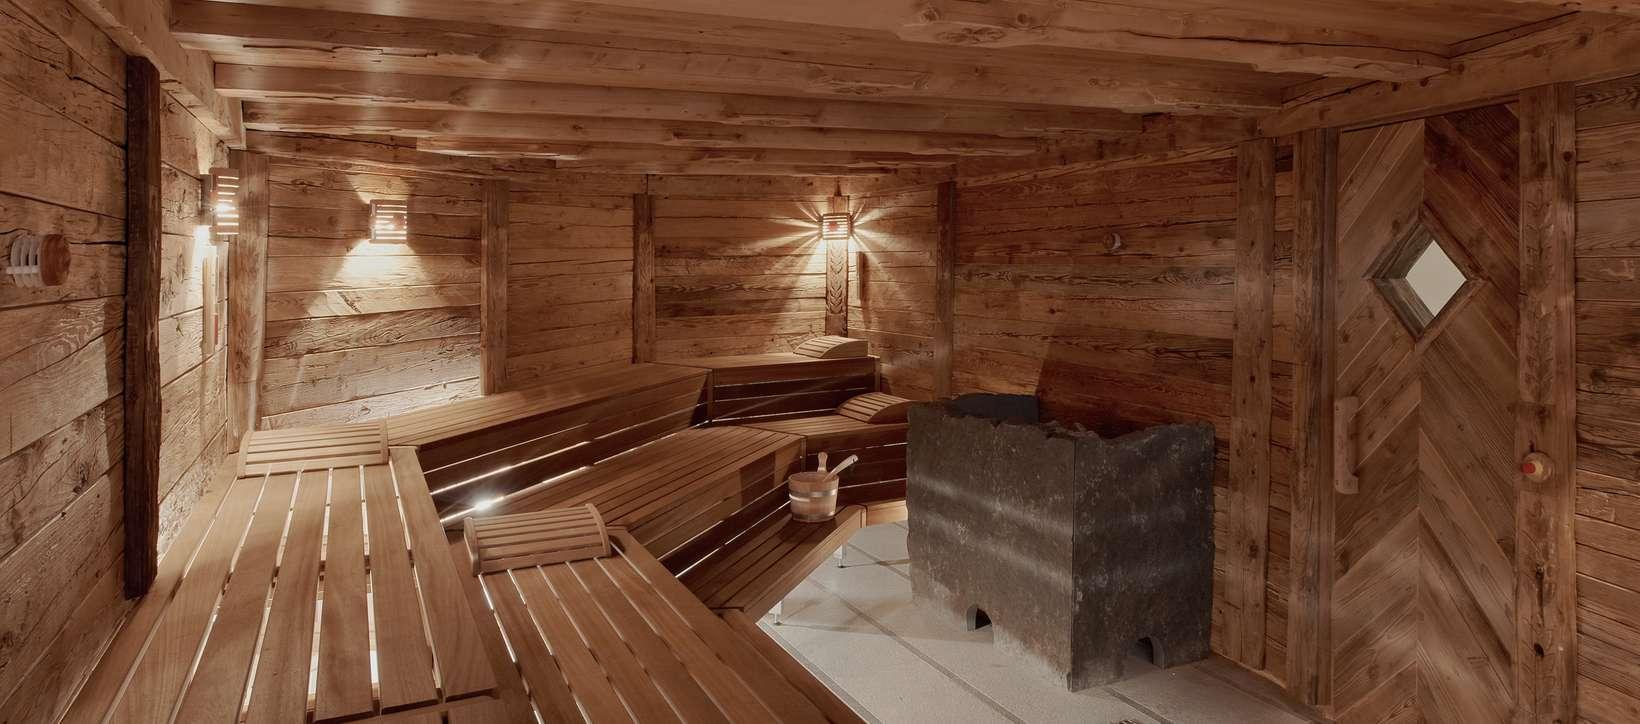 Wellness und Spa im Kulm Hotel St. Moritz im Engadin